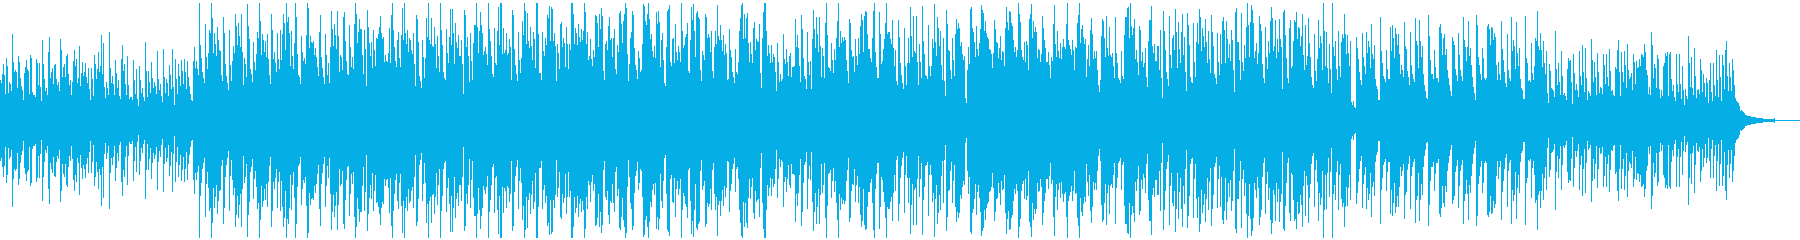 切ない綺麗なピアノのBGMの再生済みの波形